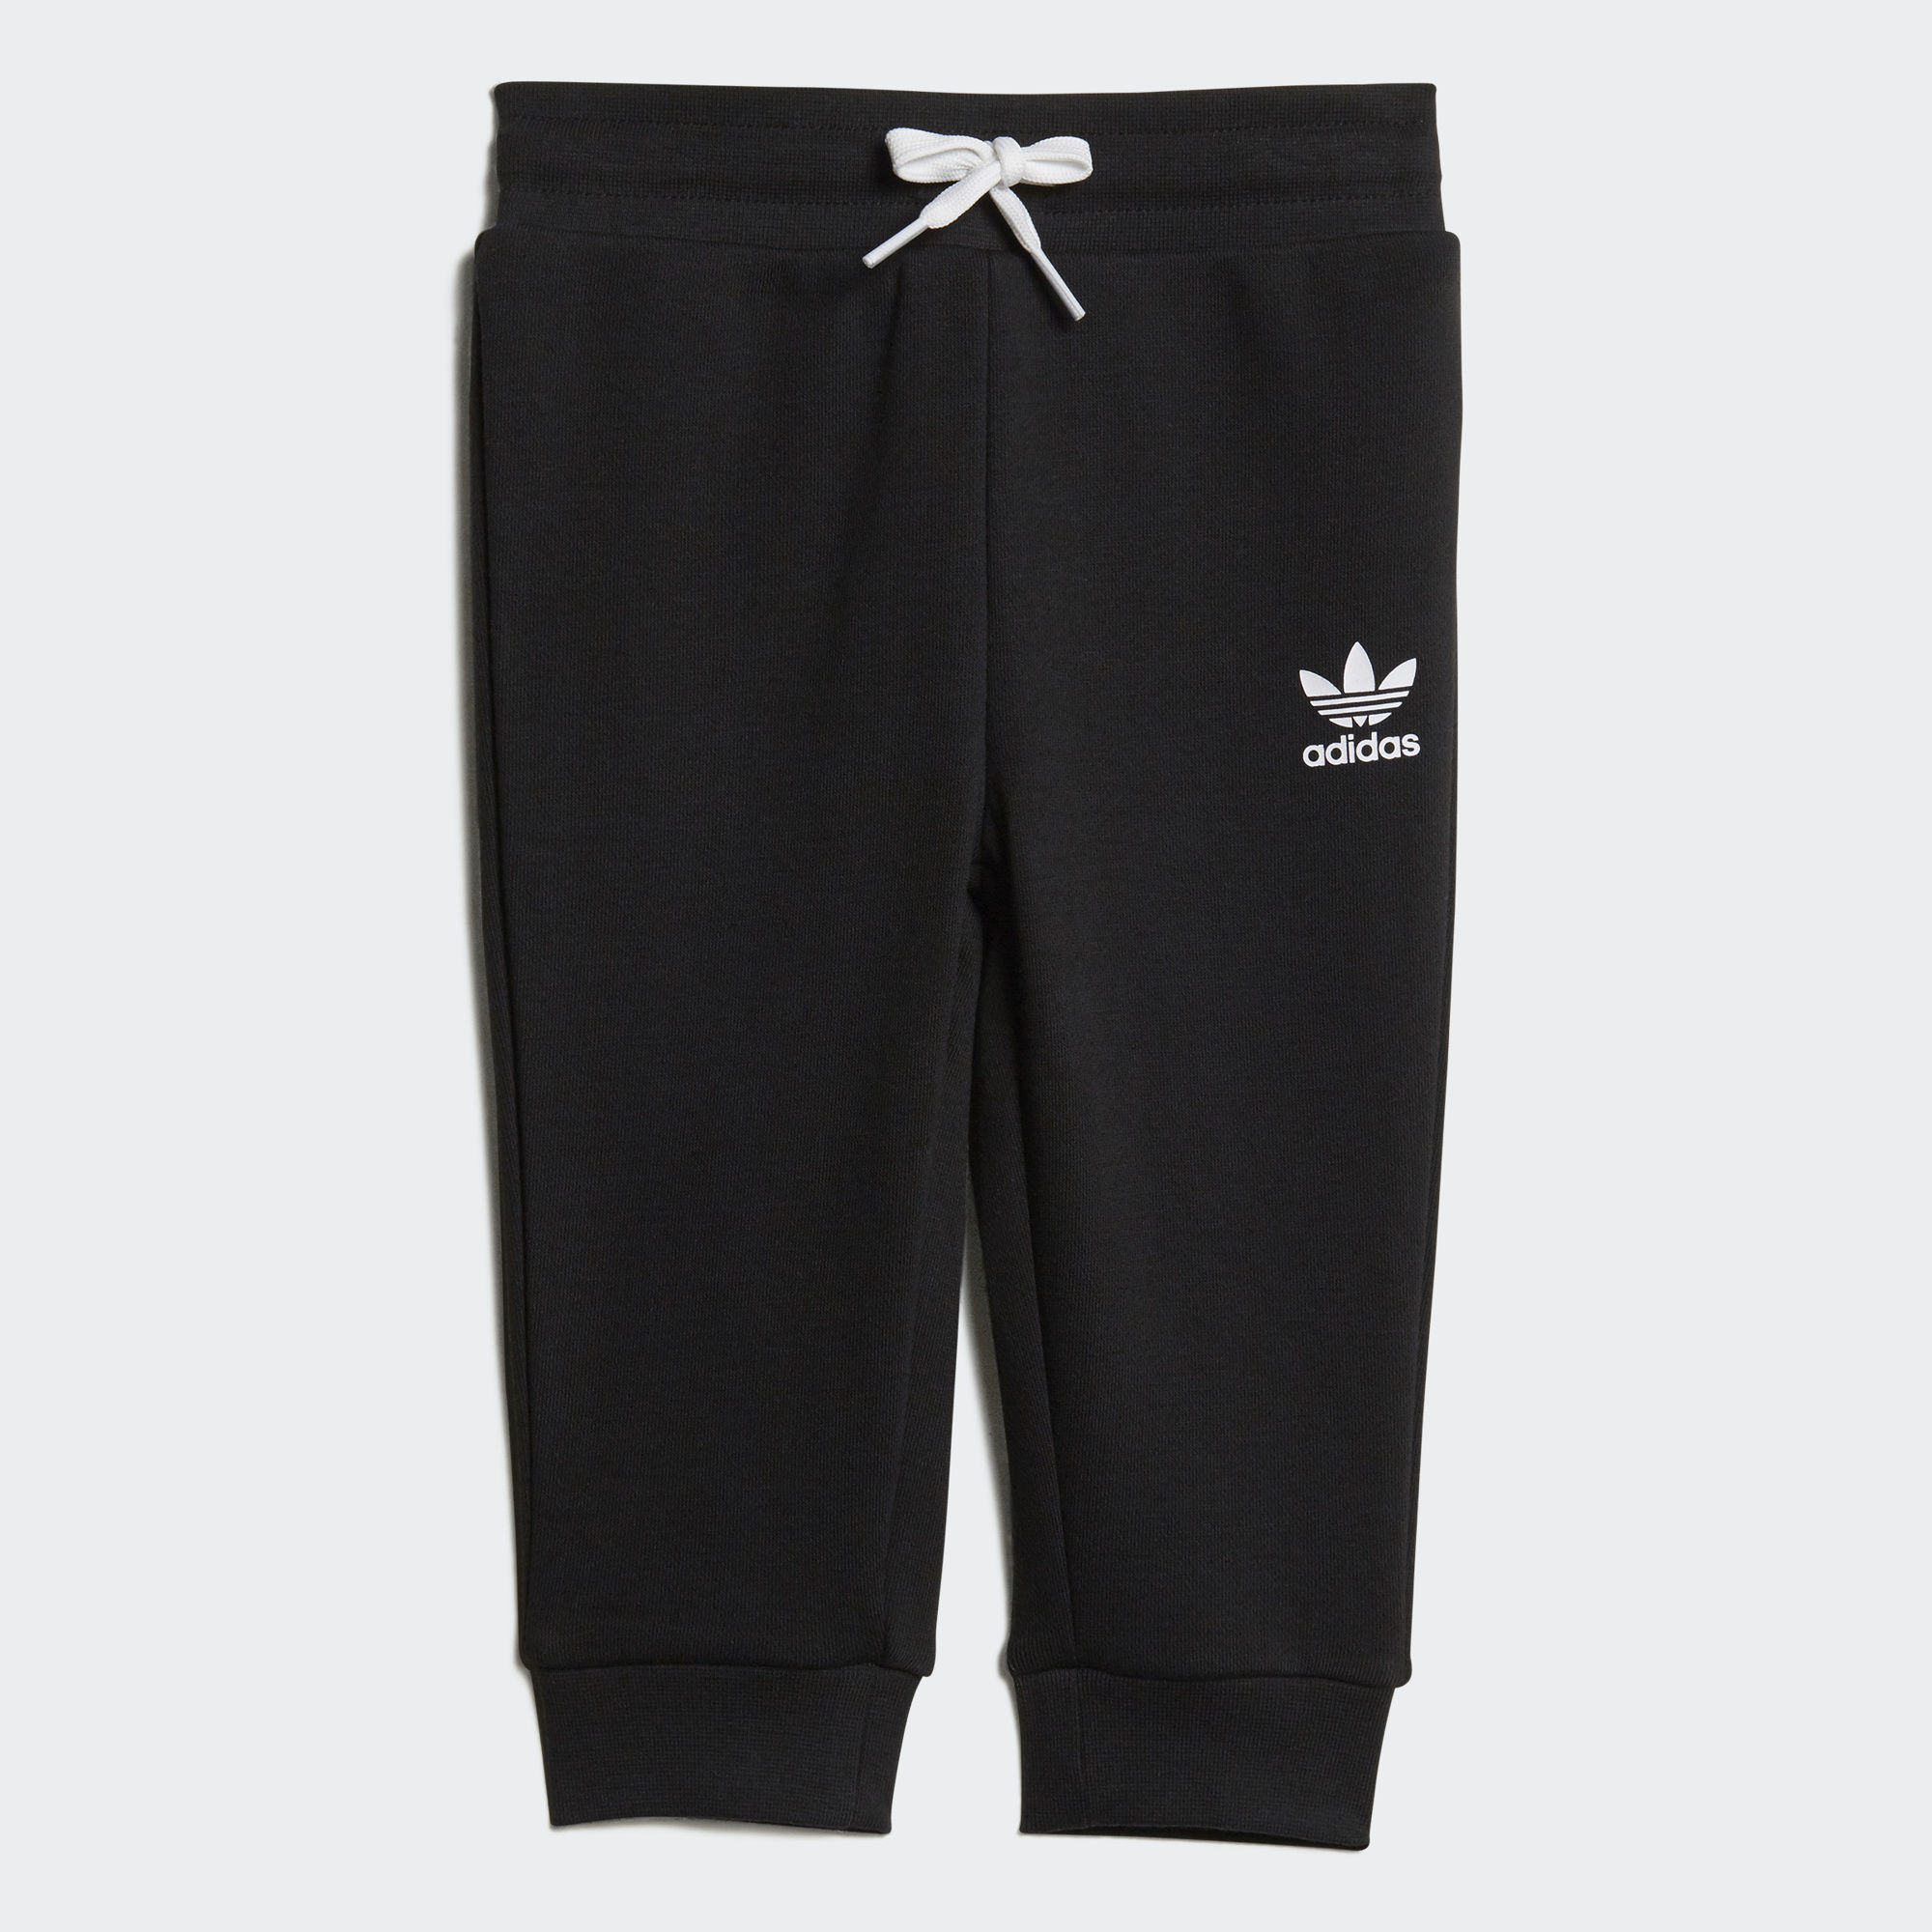 2e4d52d7 Комплект: брюки и худи Bandana DW3844 adidas Originals - Украина |  ONETEAM.COM.UA